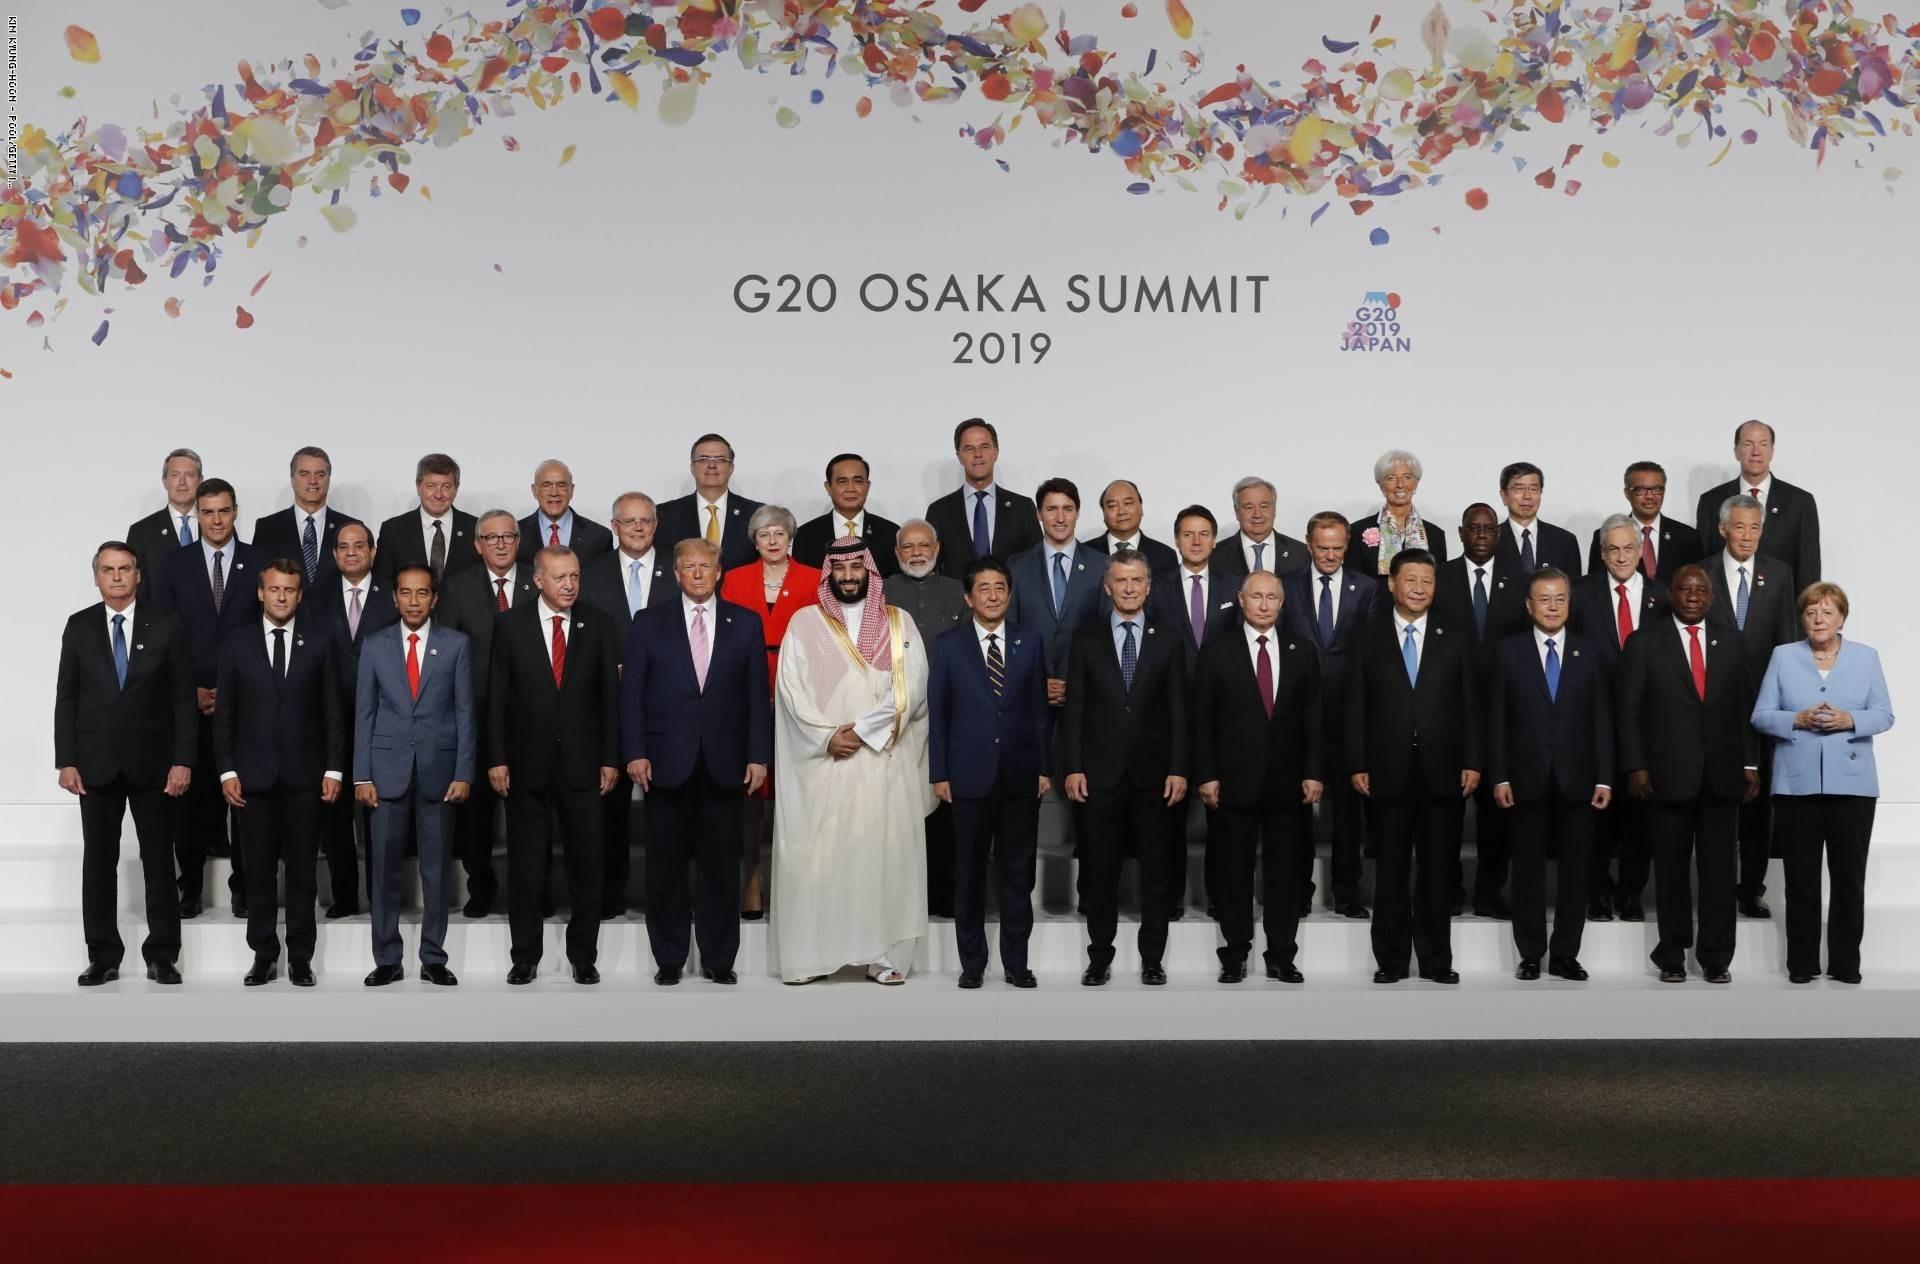 مجموعة العشرين تتعهد بأكثر من 21 مليار دولار لمواجهة كورونا